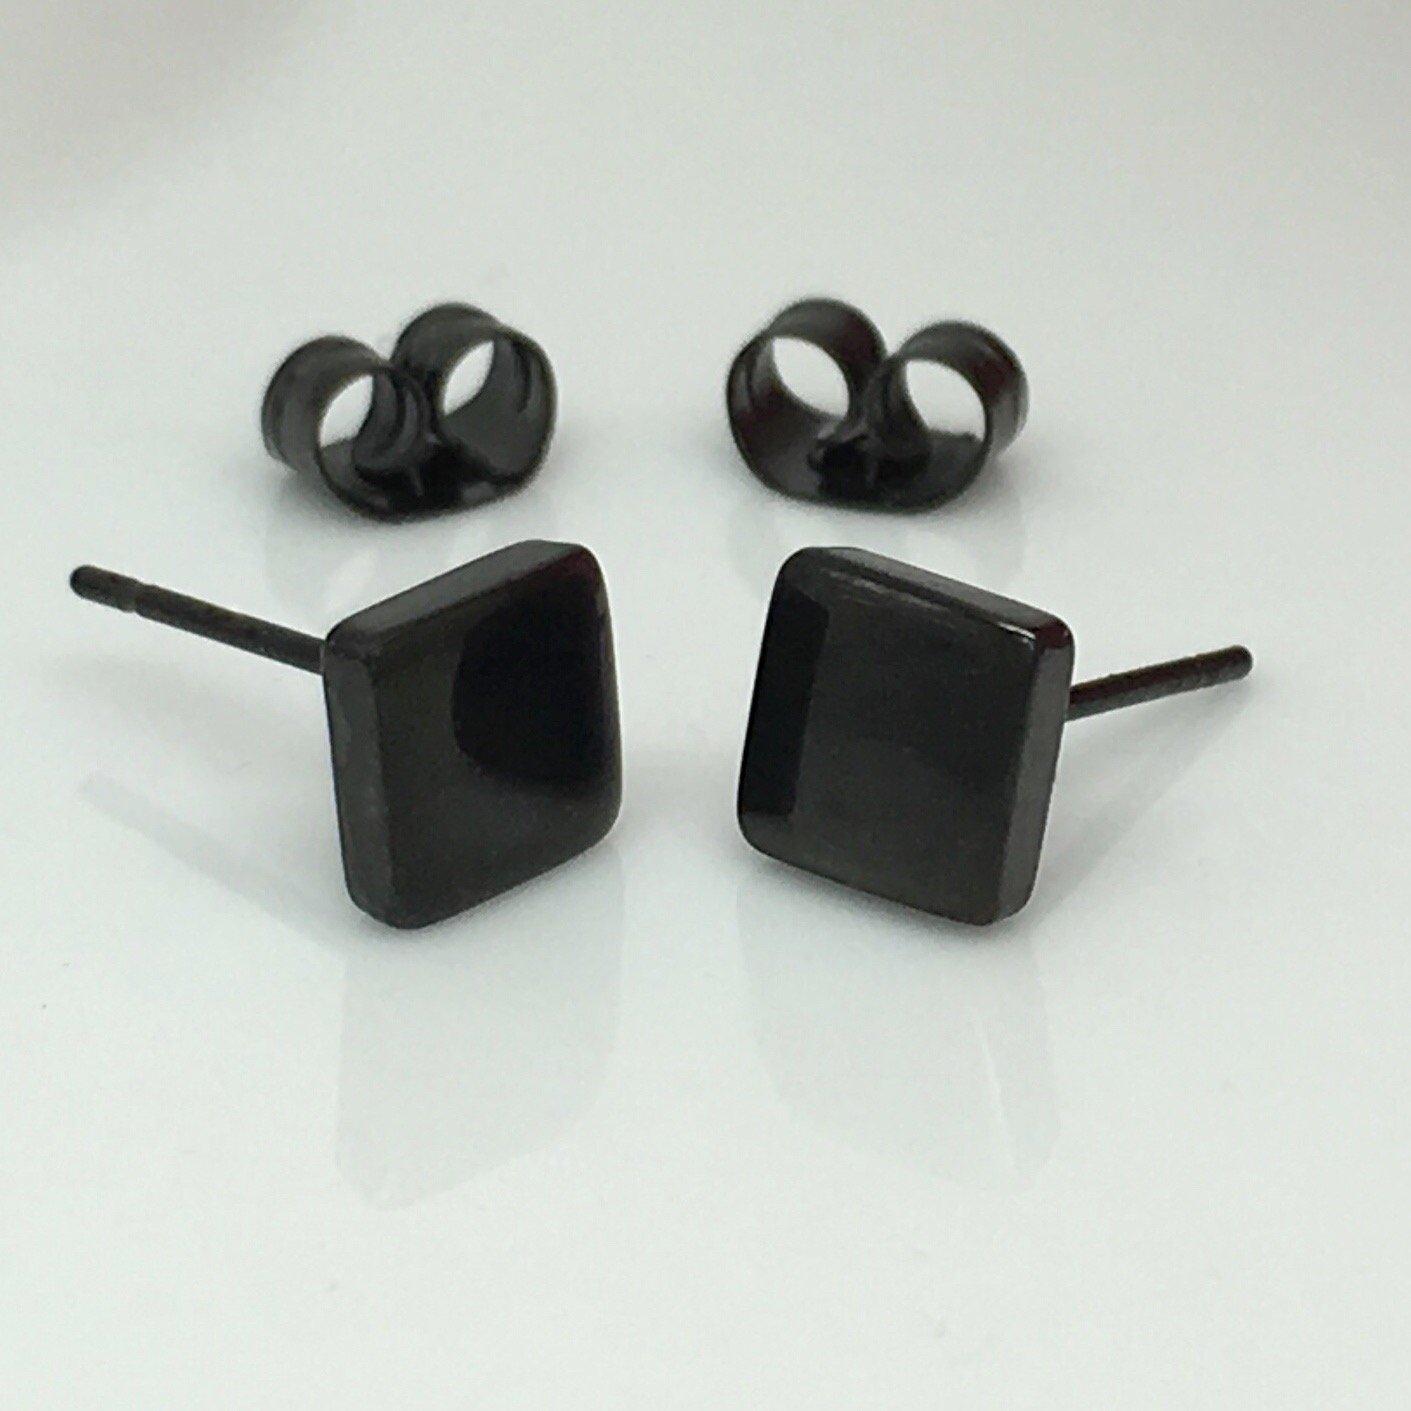 Men S Stud Earrings Black Square Stainless Steel Stud